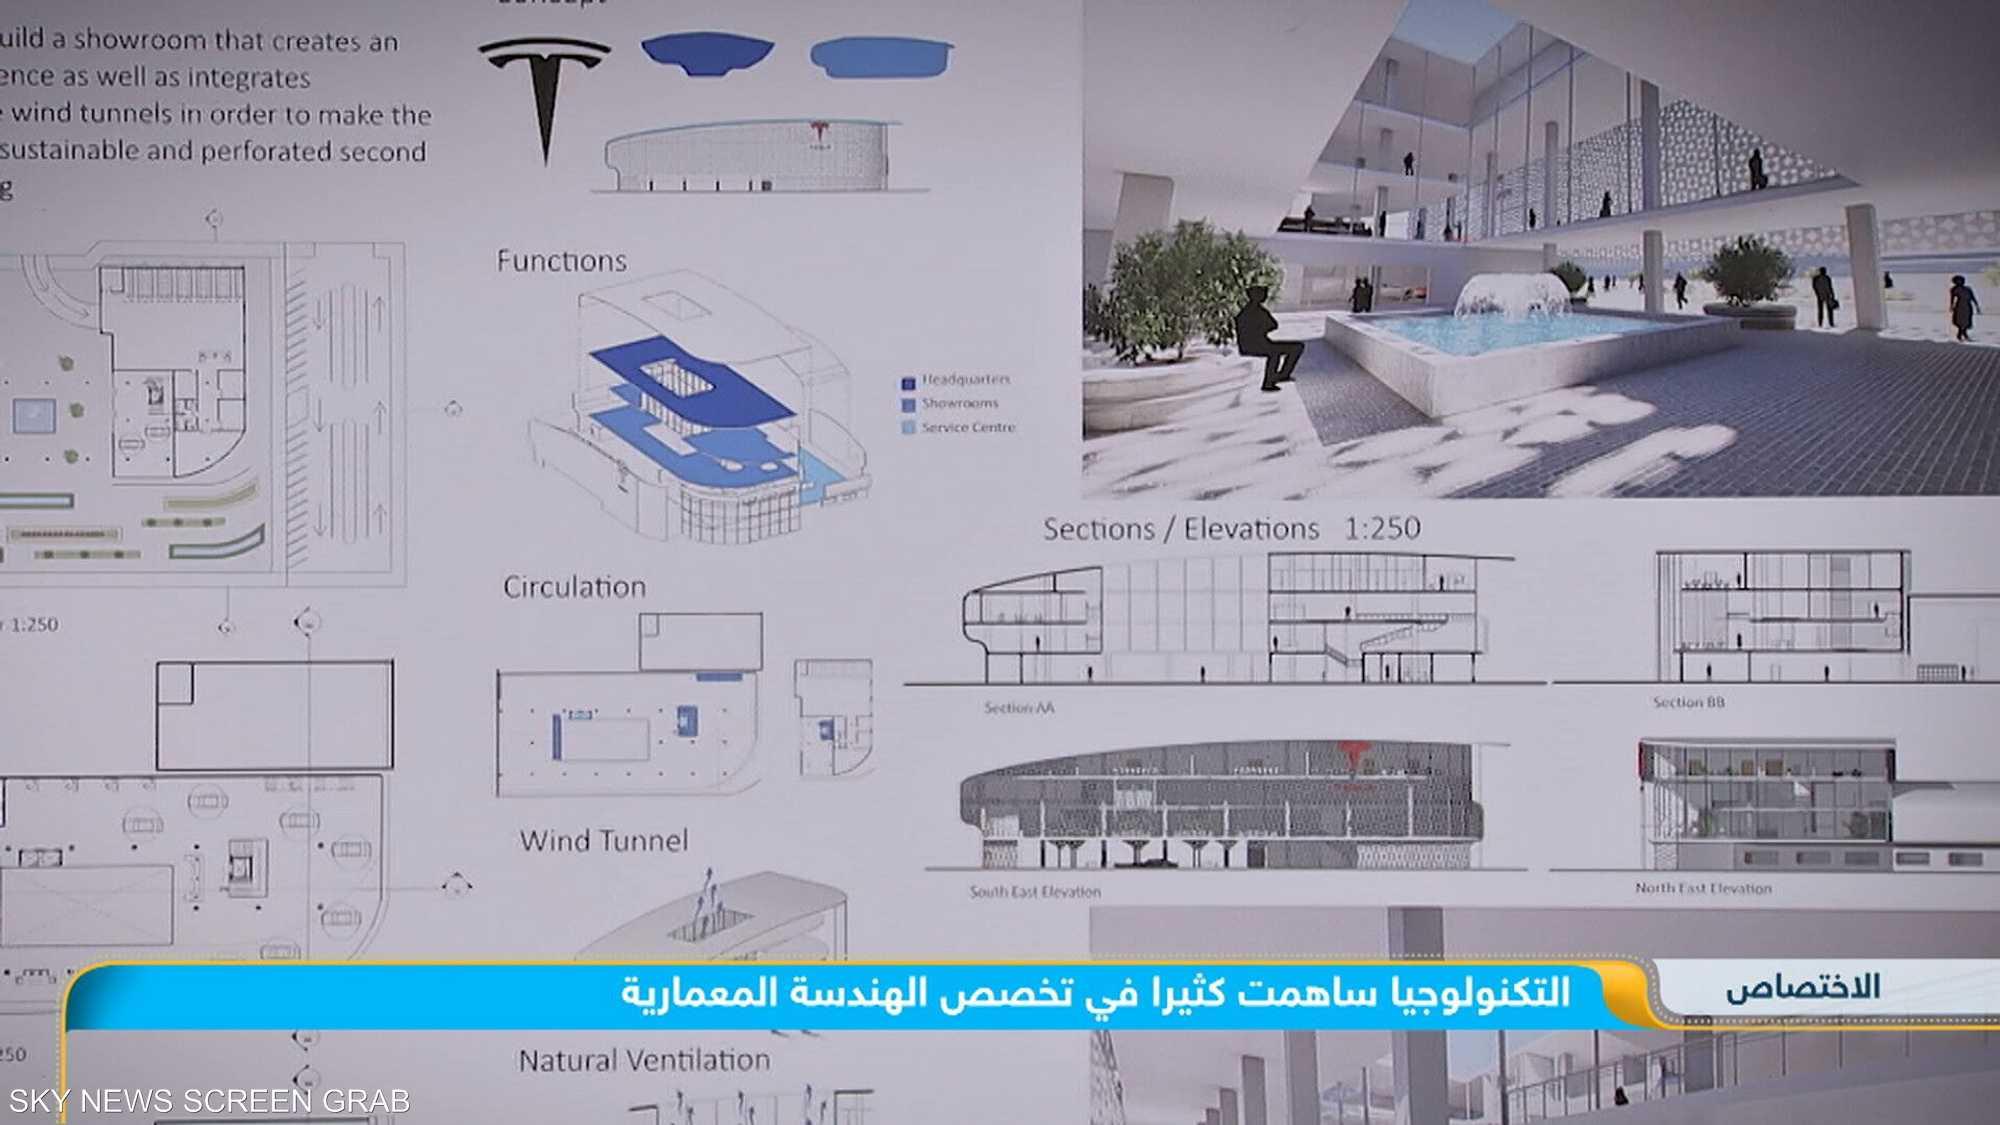 هل يختلف مفهوم الهندسة المعمارية مع دخول الحداثة إليه؟